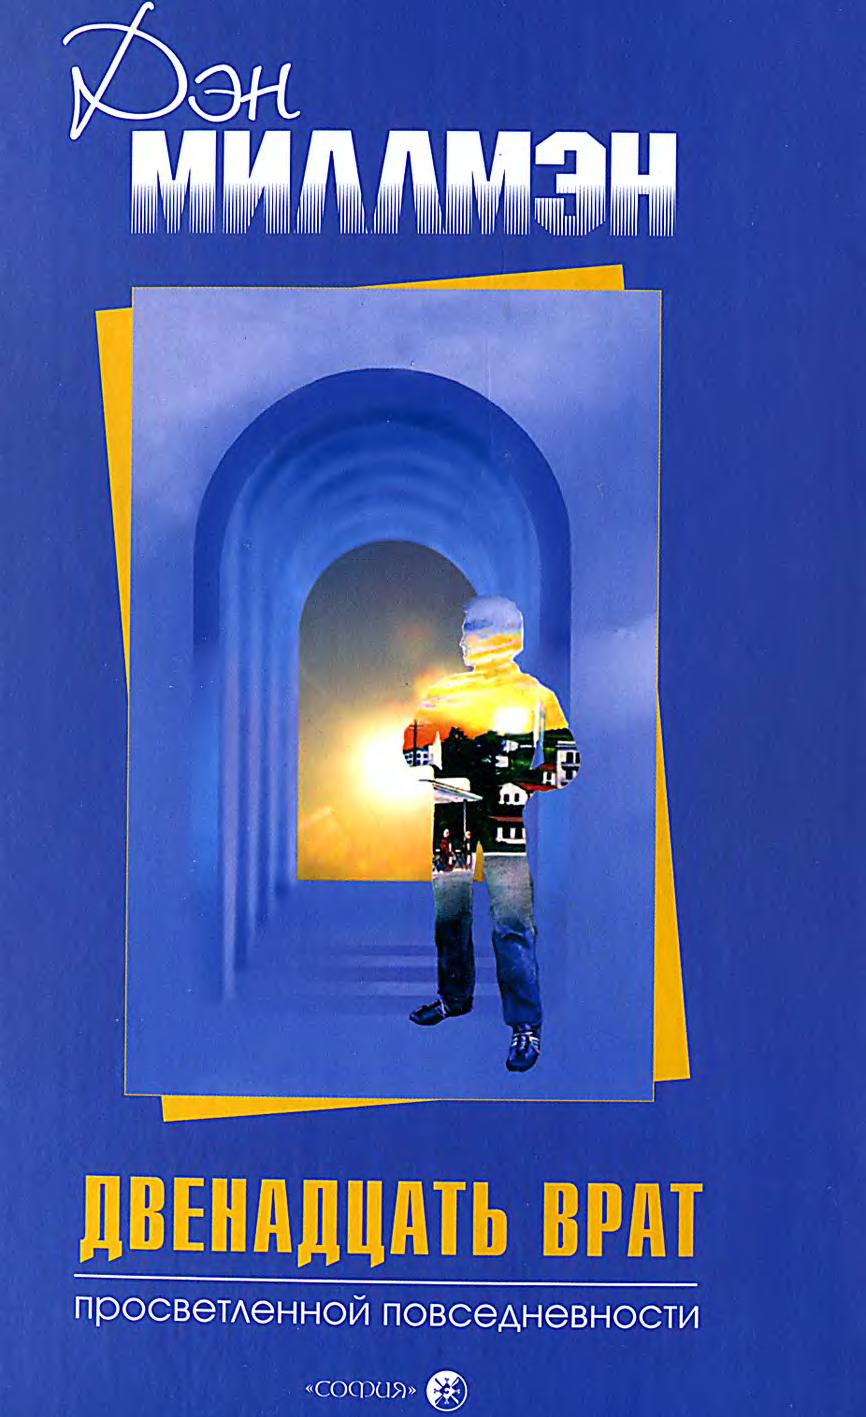 Дэн милман скачать книги в формате fb2